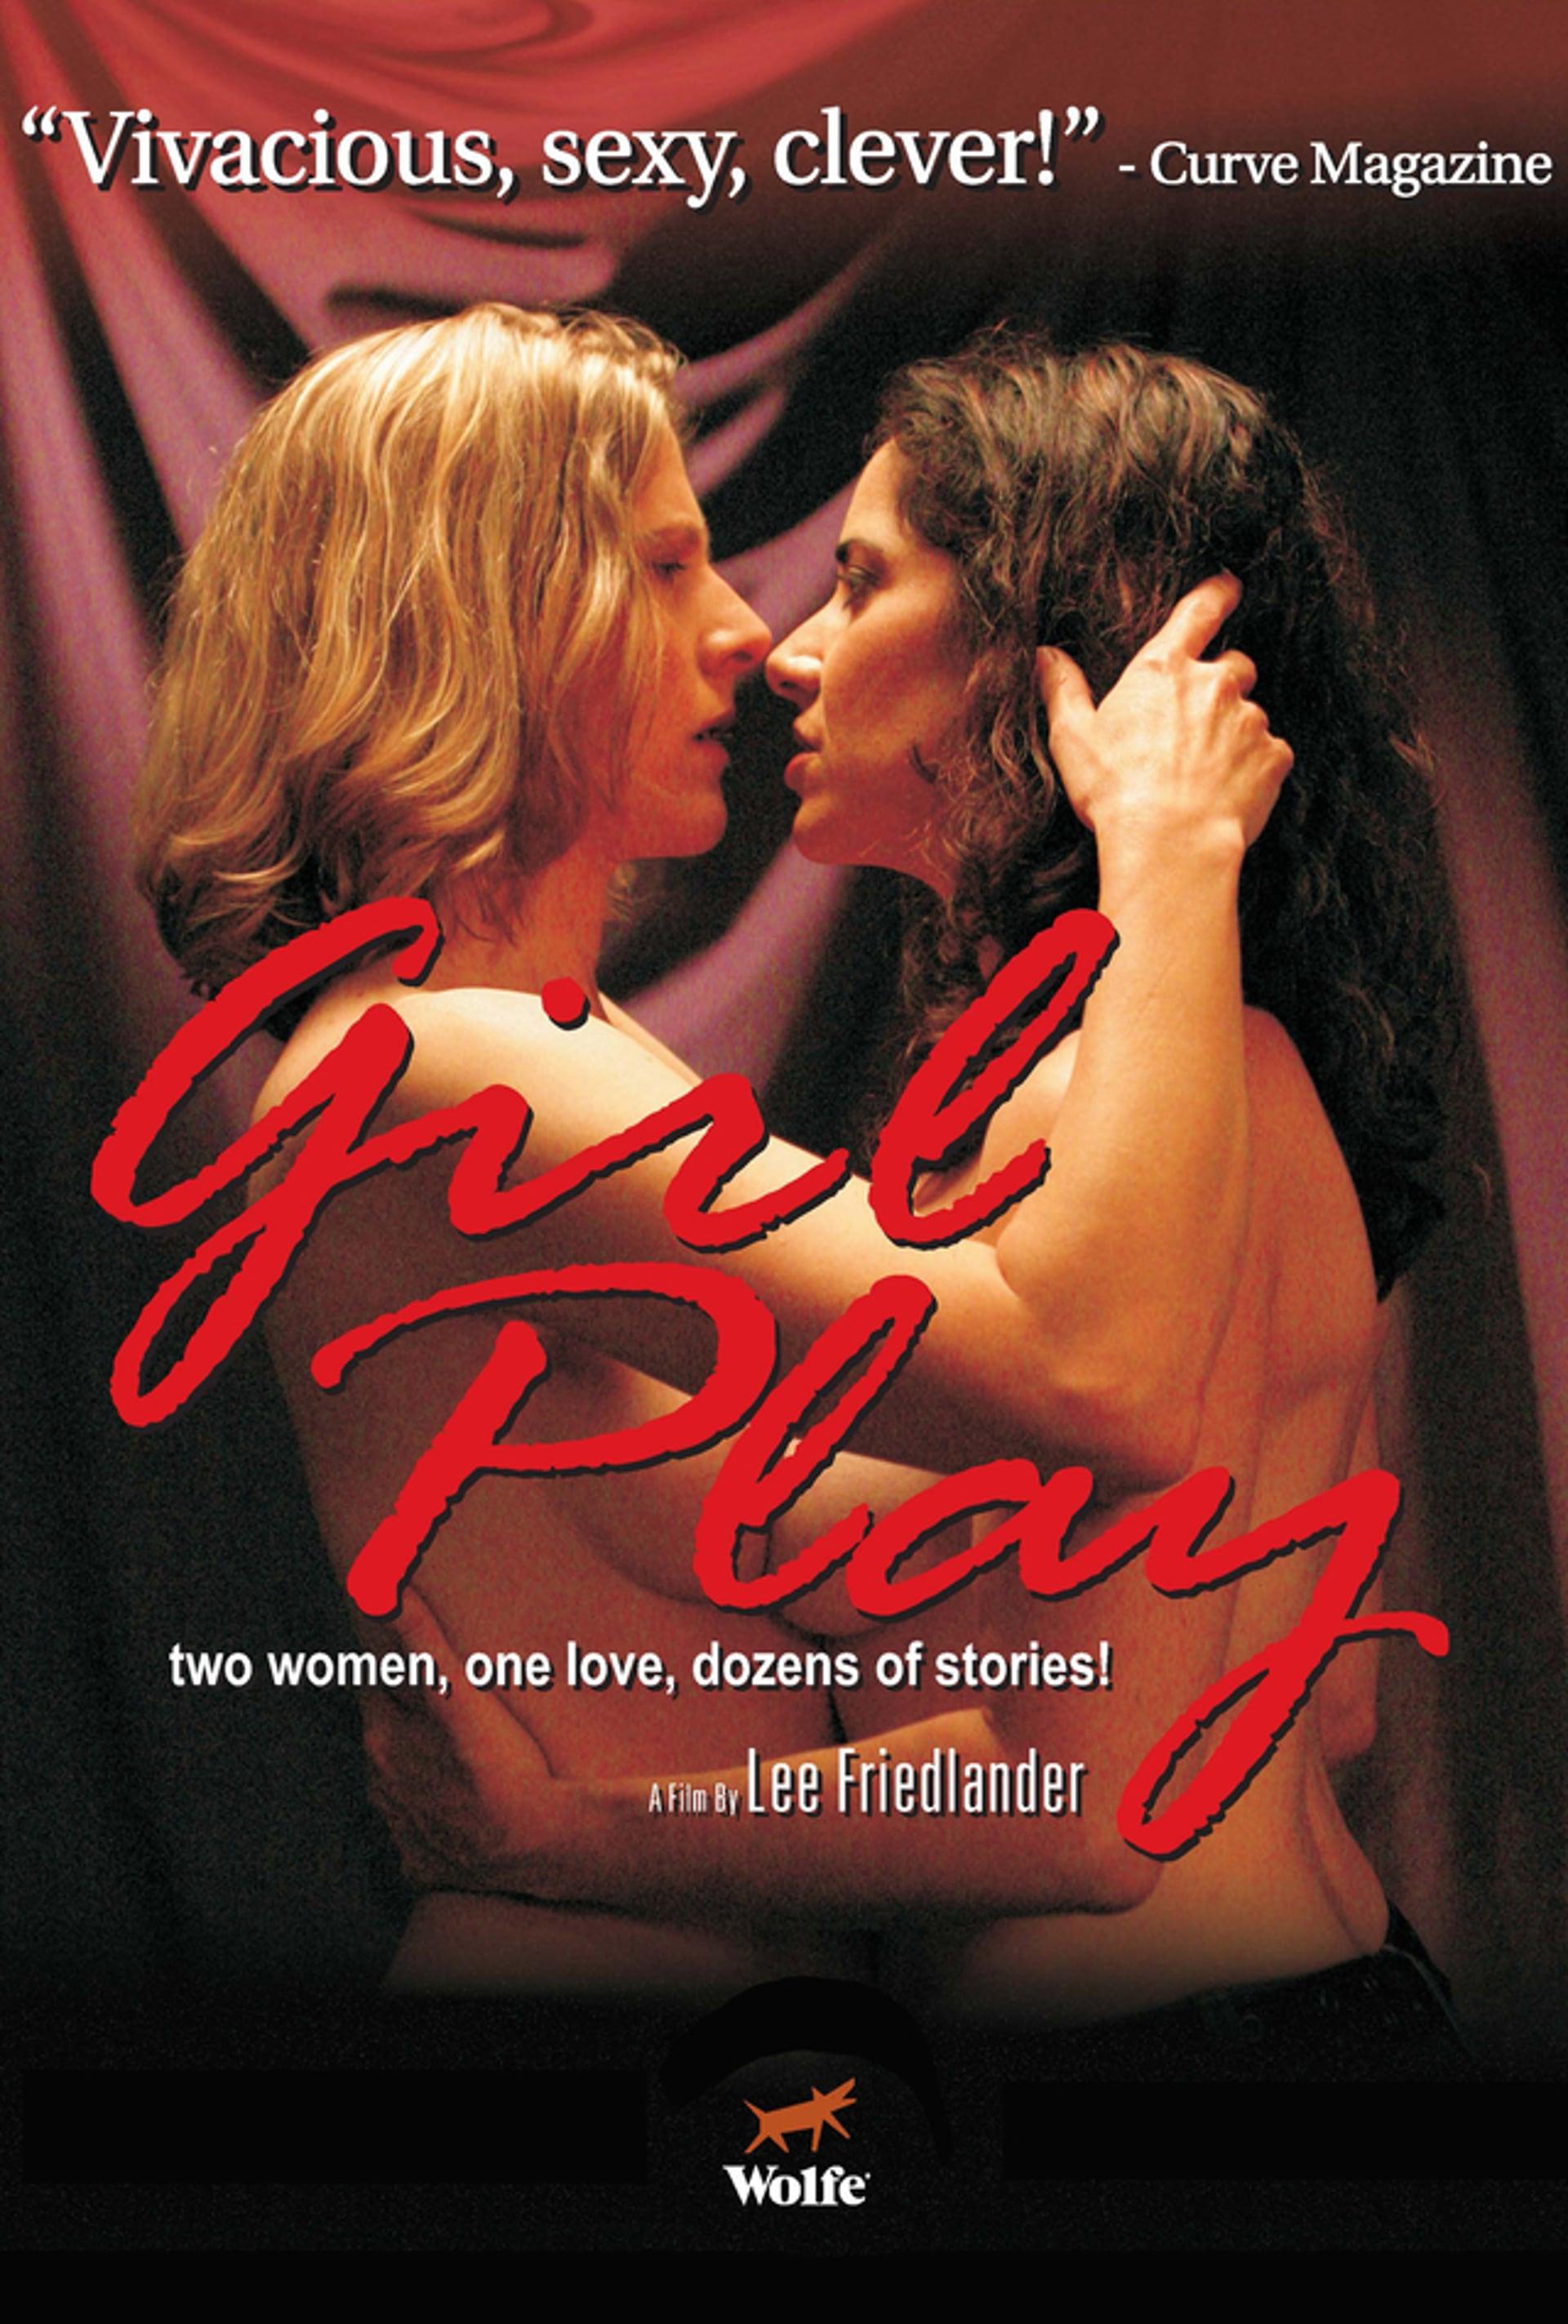 Lesbian film pornos photos